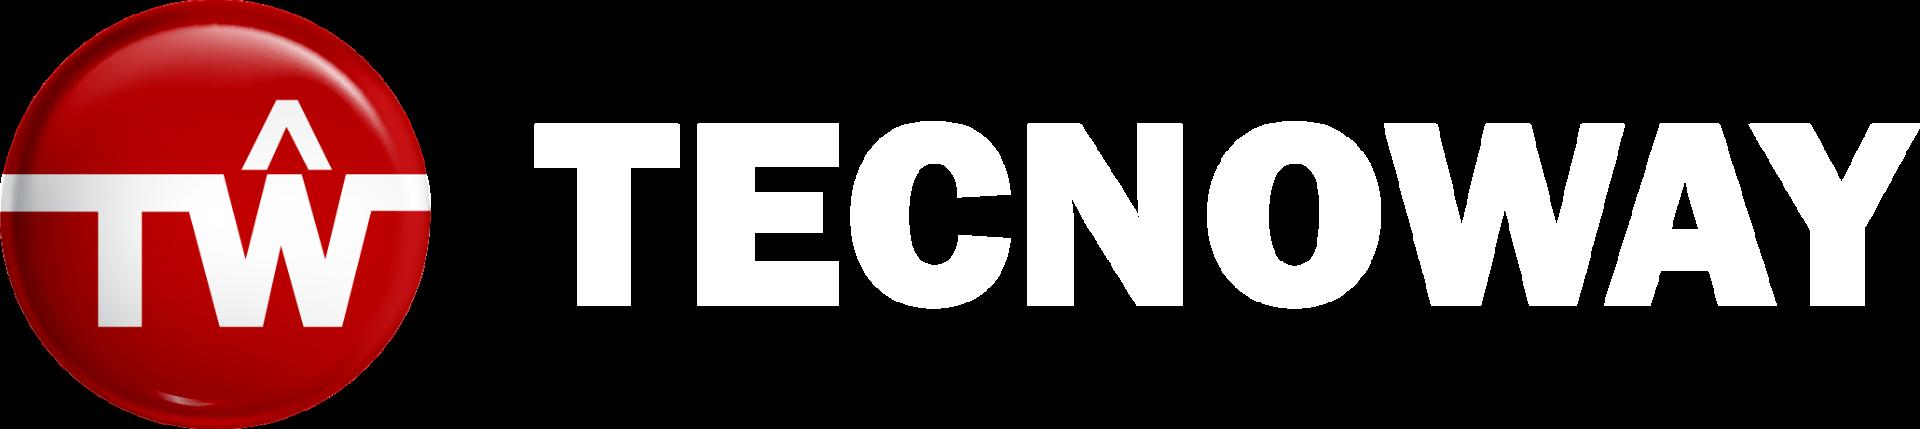 TECNOWAY